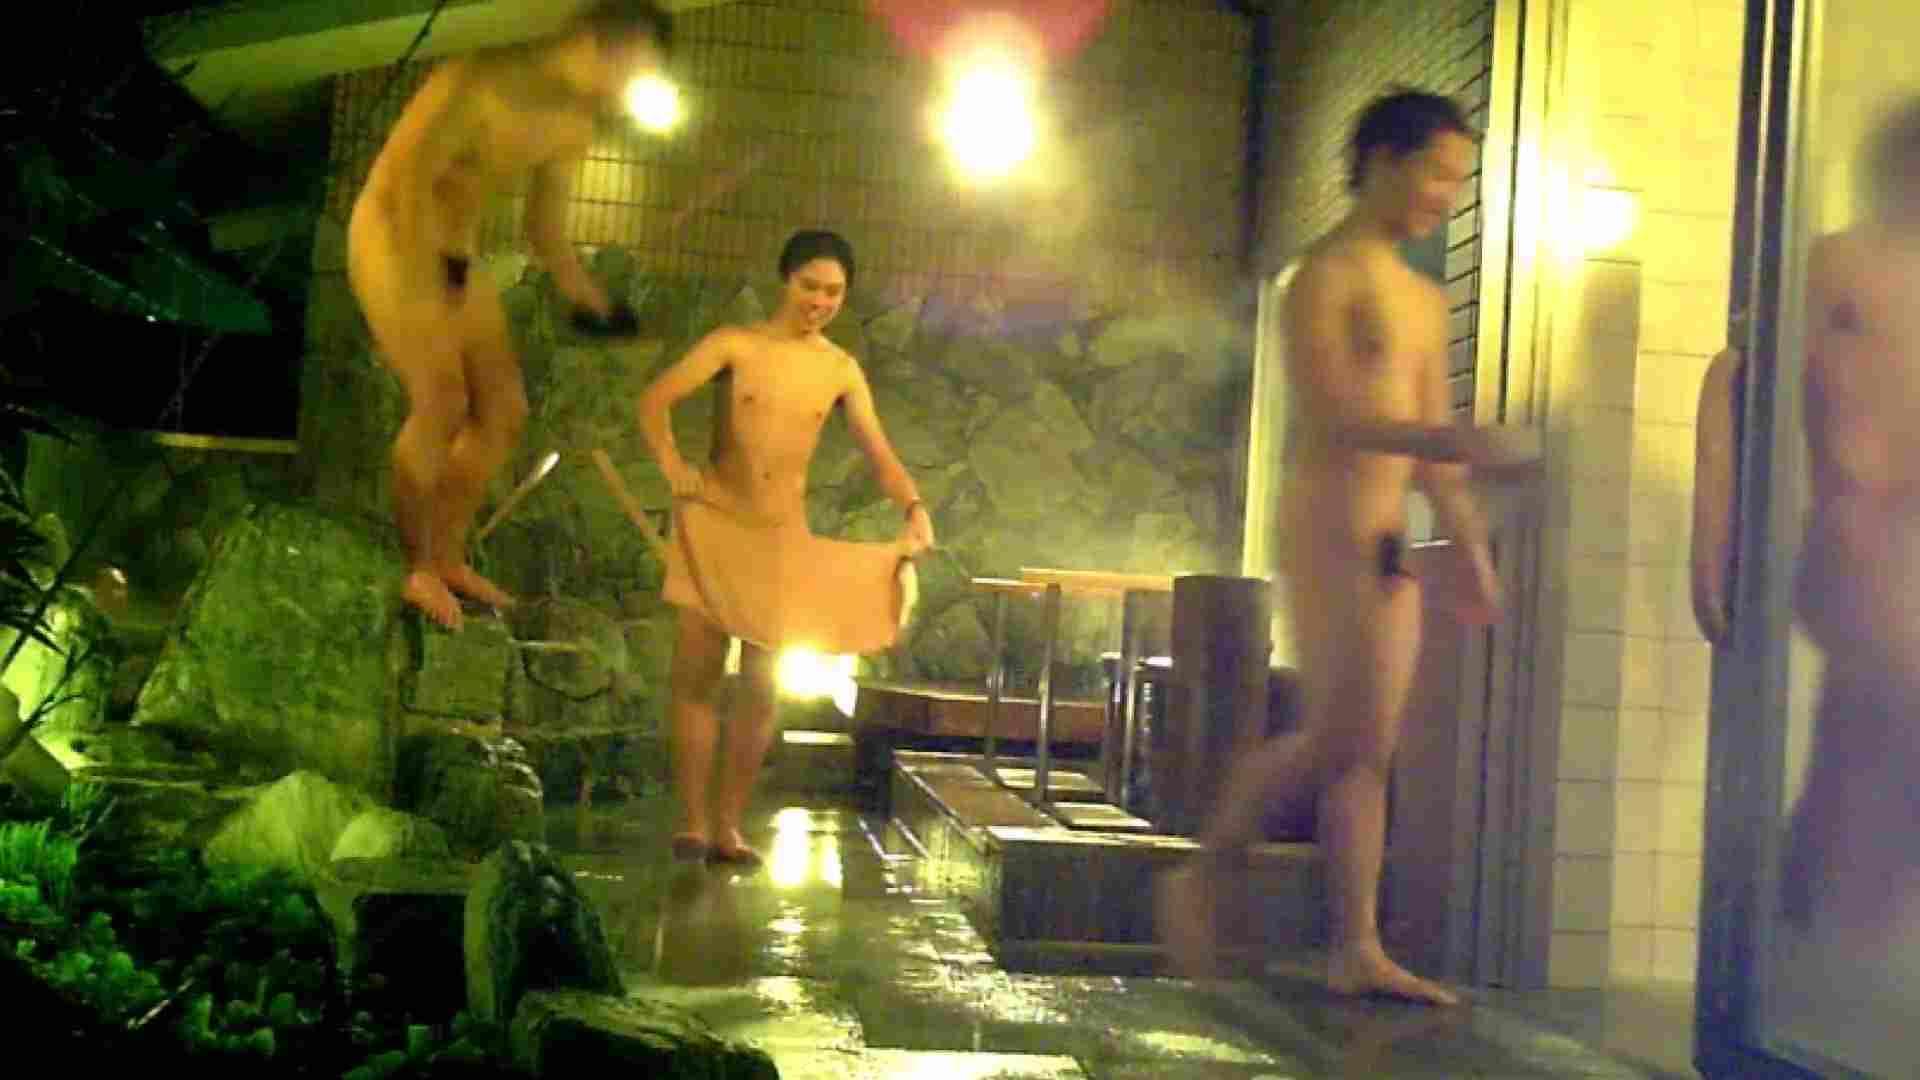 行くぜ!がっつり男風呂!Vol.09 イケメンのsex | 裸  75pic 22